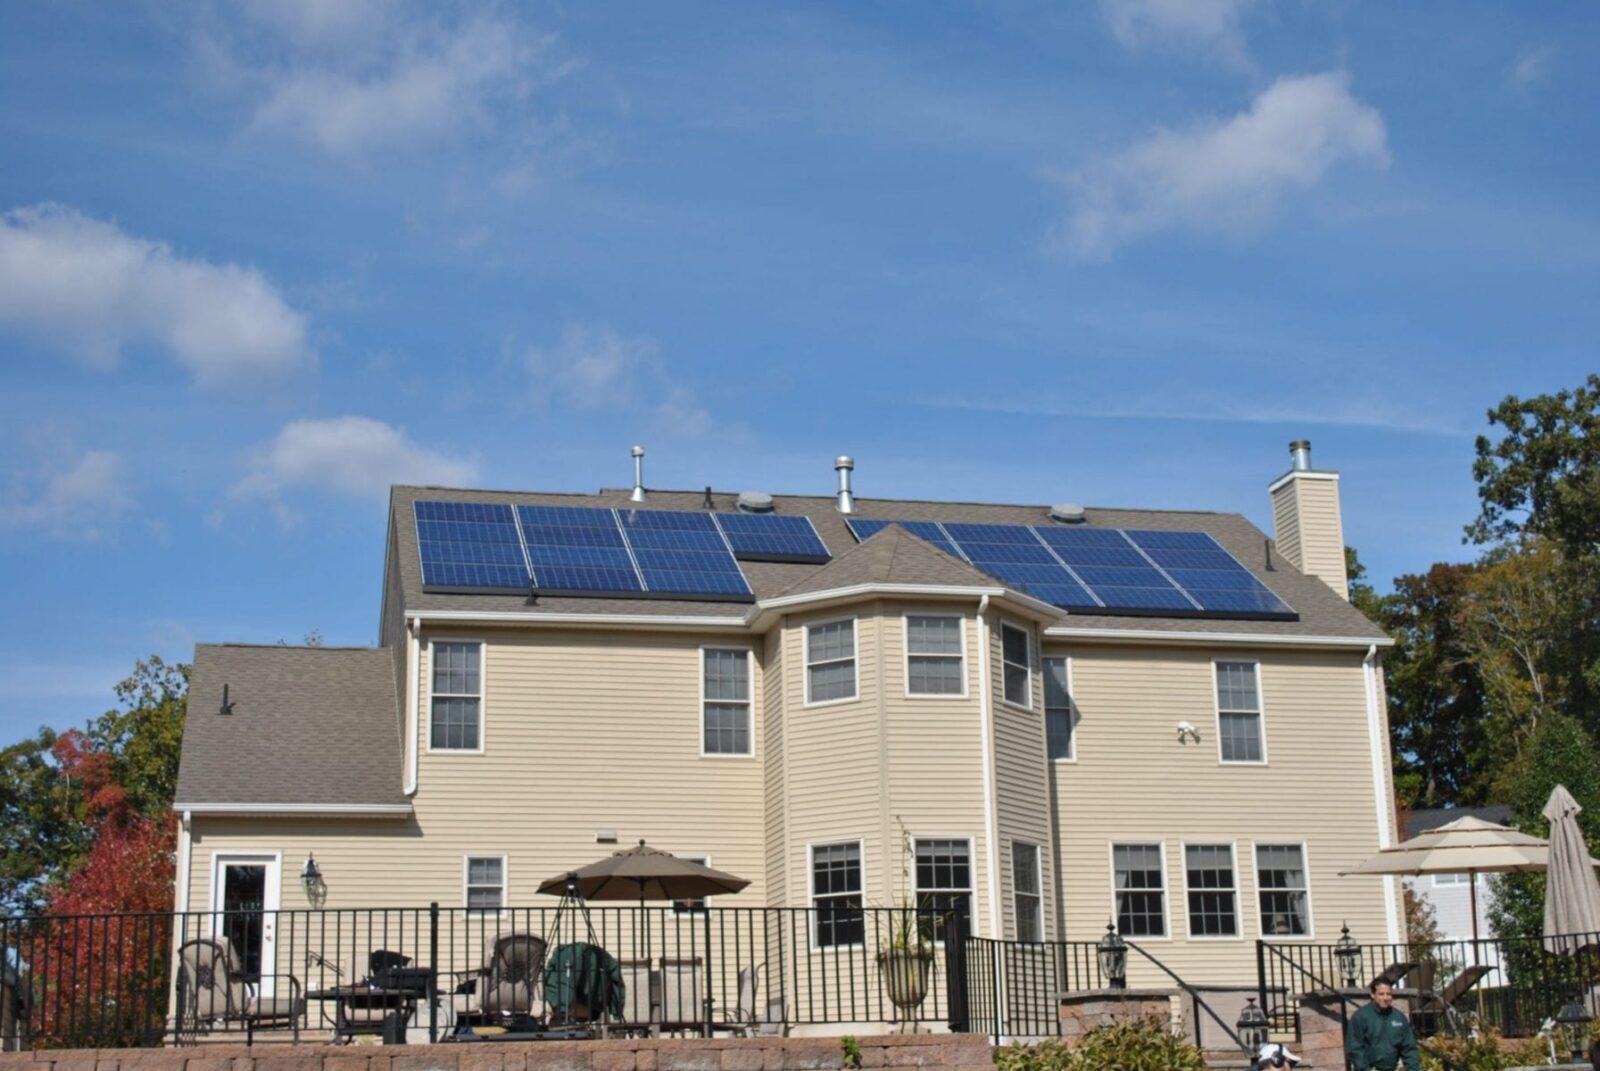 Nj Solar Panels In Lincroft Meet Greg Amp Karen Green